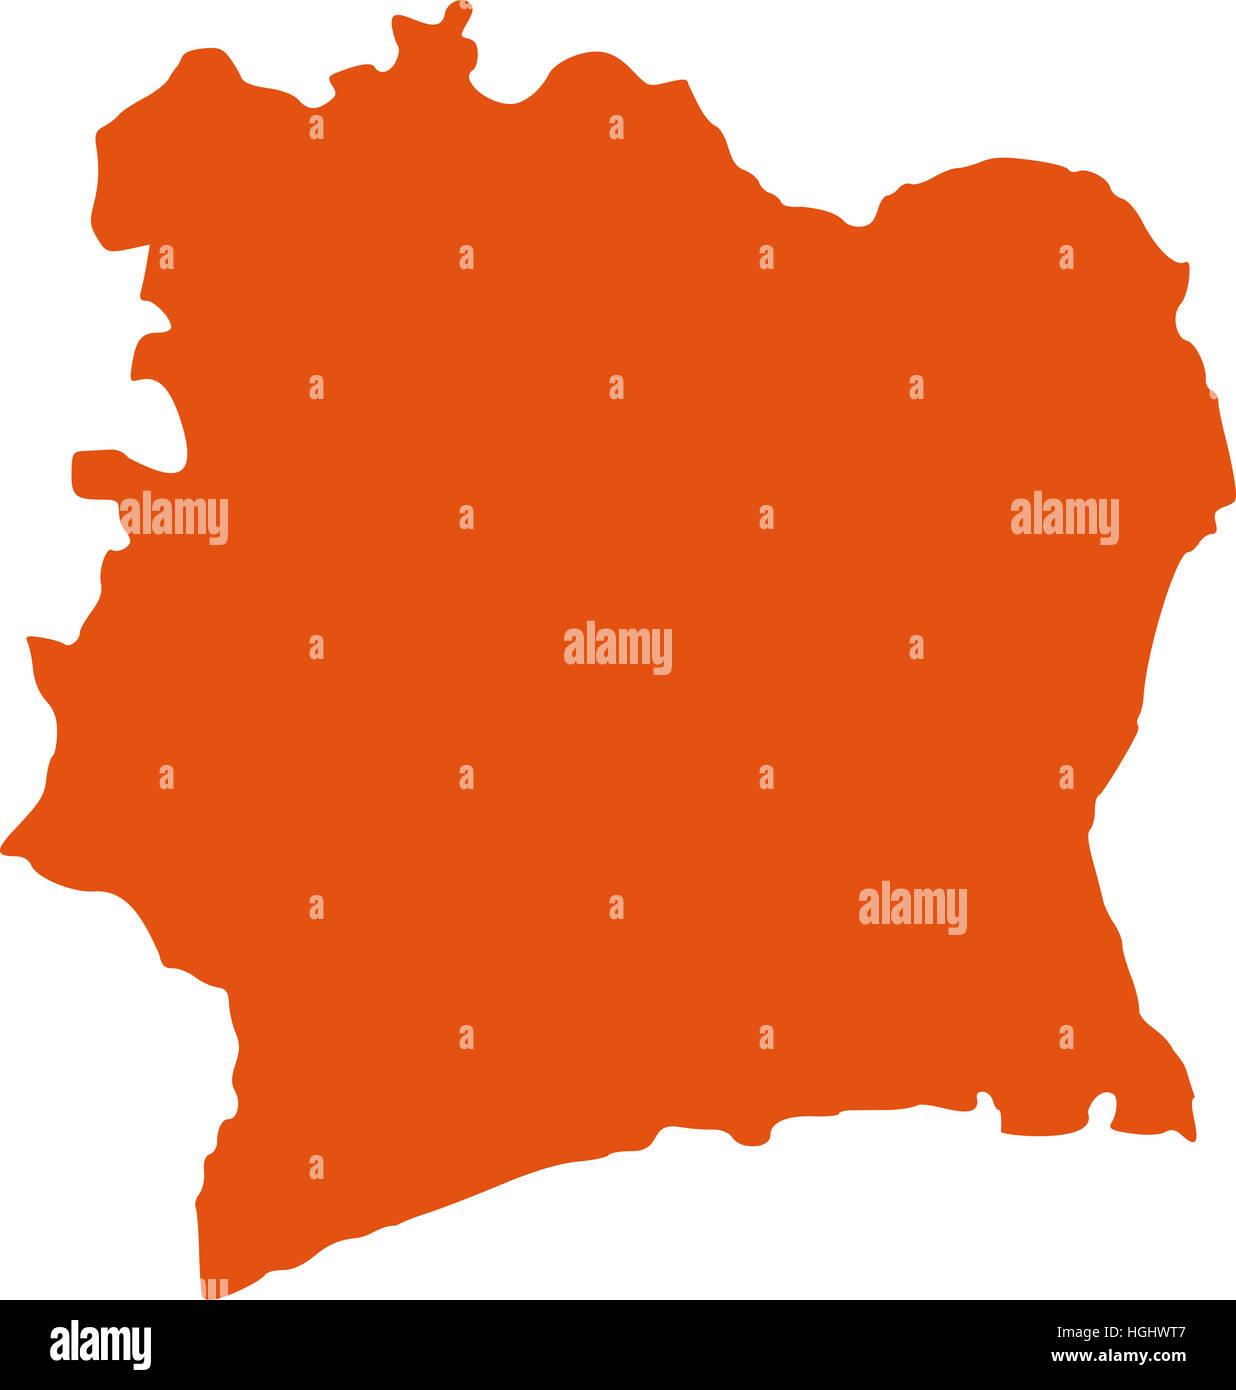 Ivory Coast map - Stock Image